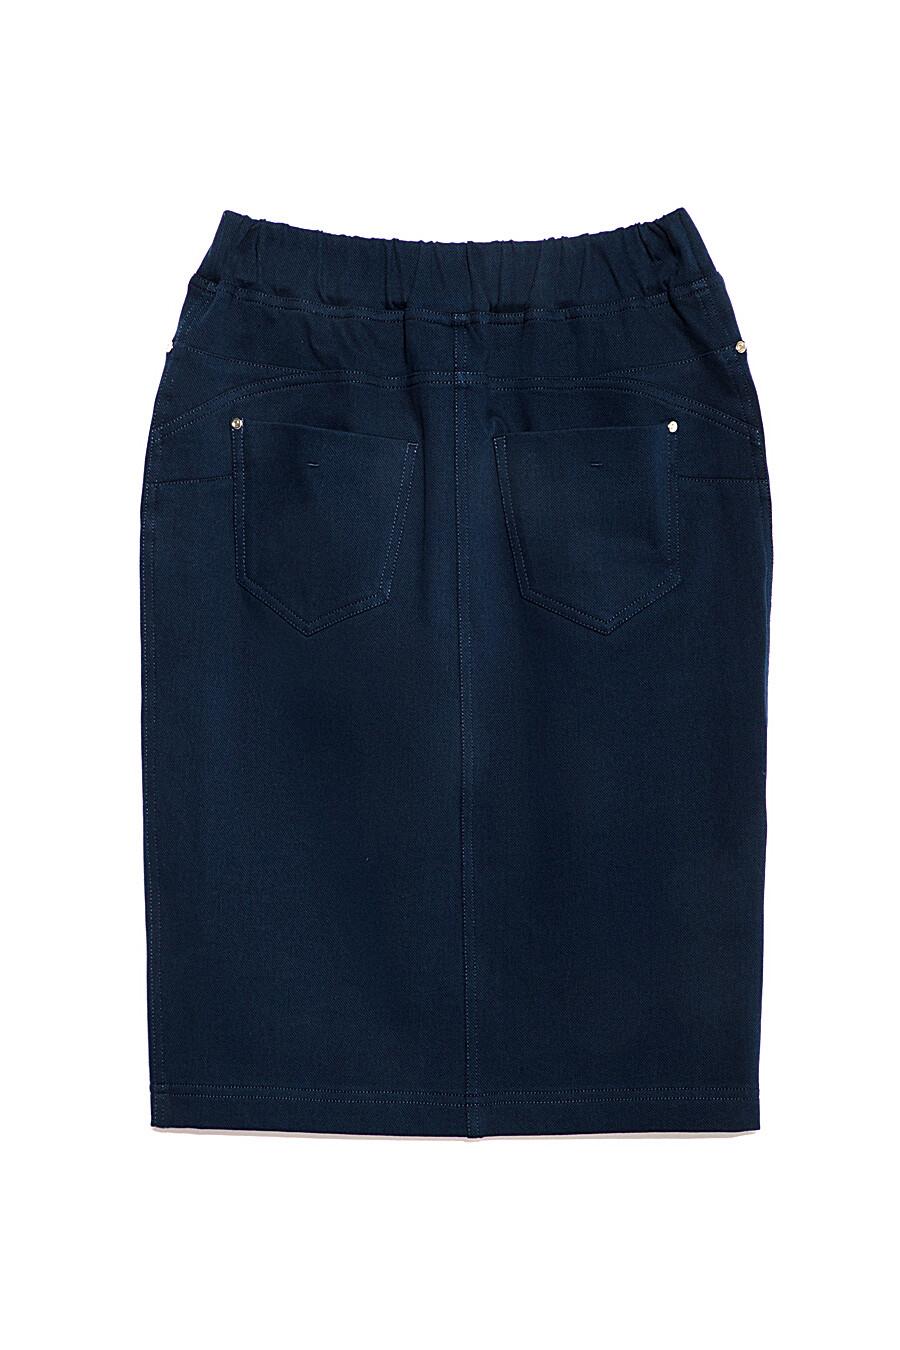 Юбка для женщин CONTE ELEGANT 148671 купить оптом от производителя. Совместная покупка женской одежды в OptMoyo